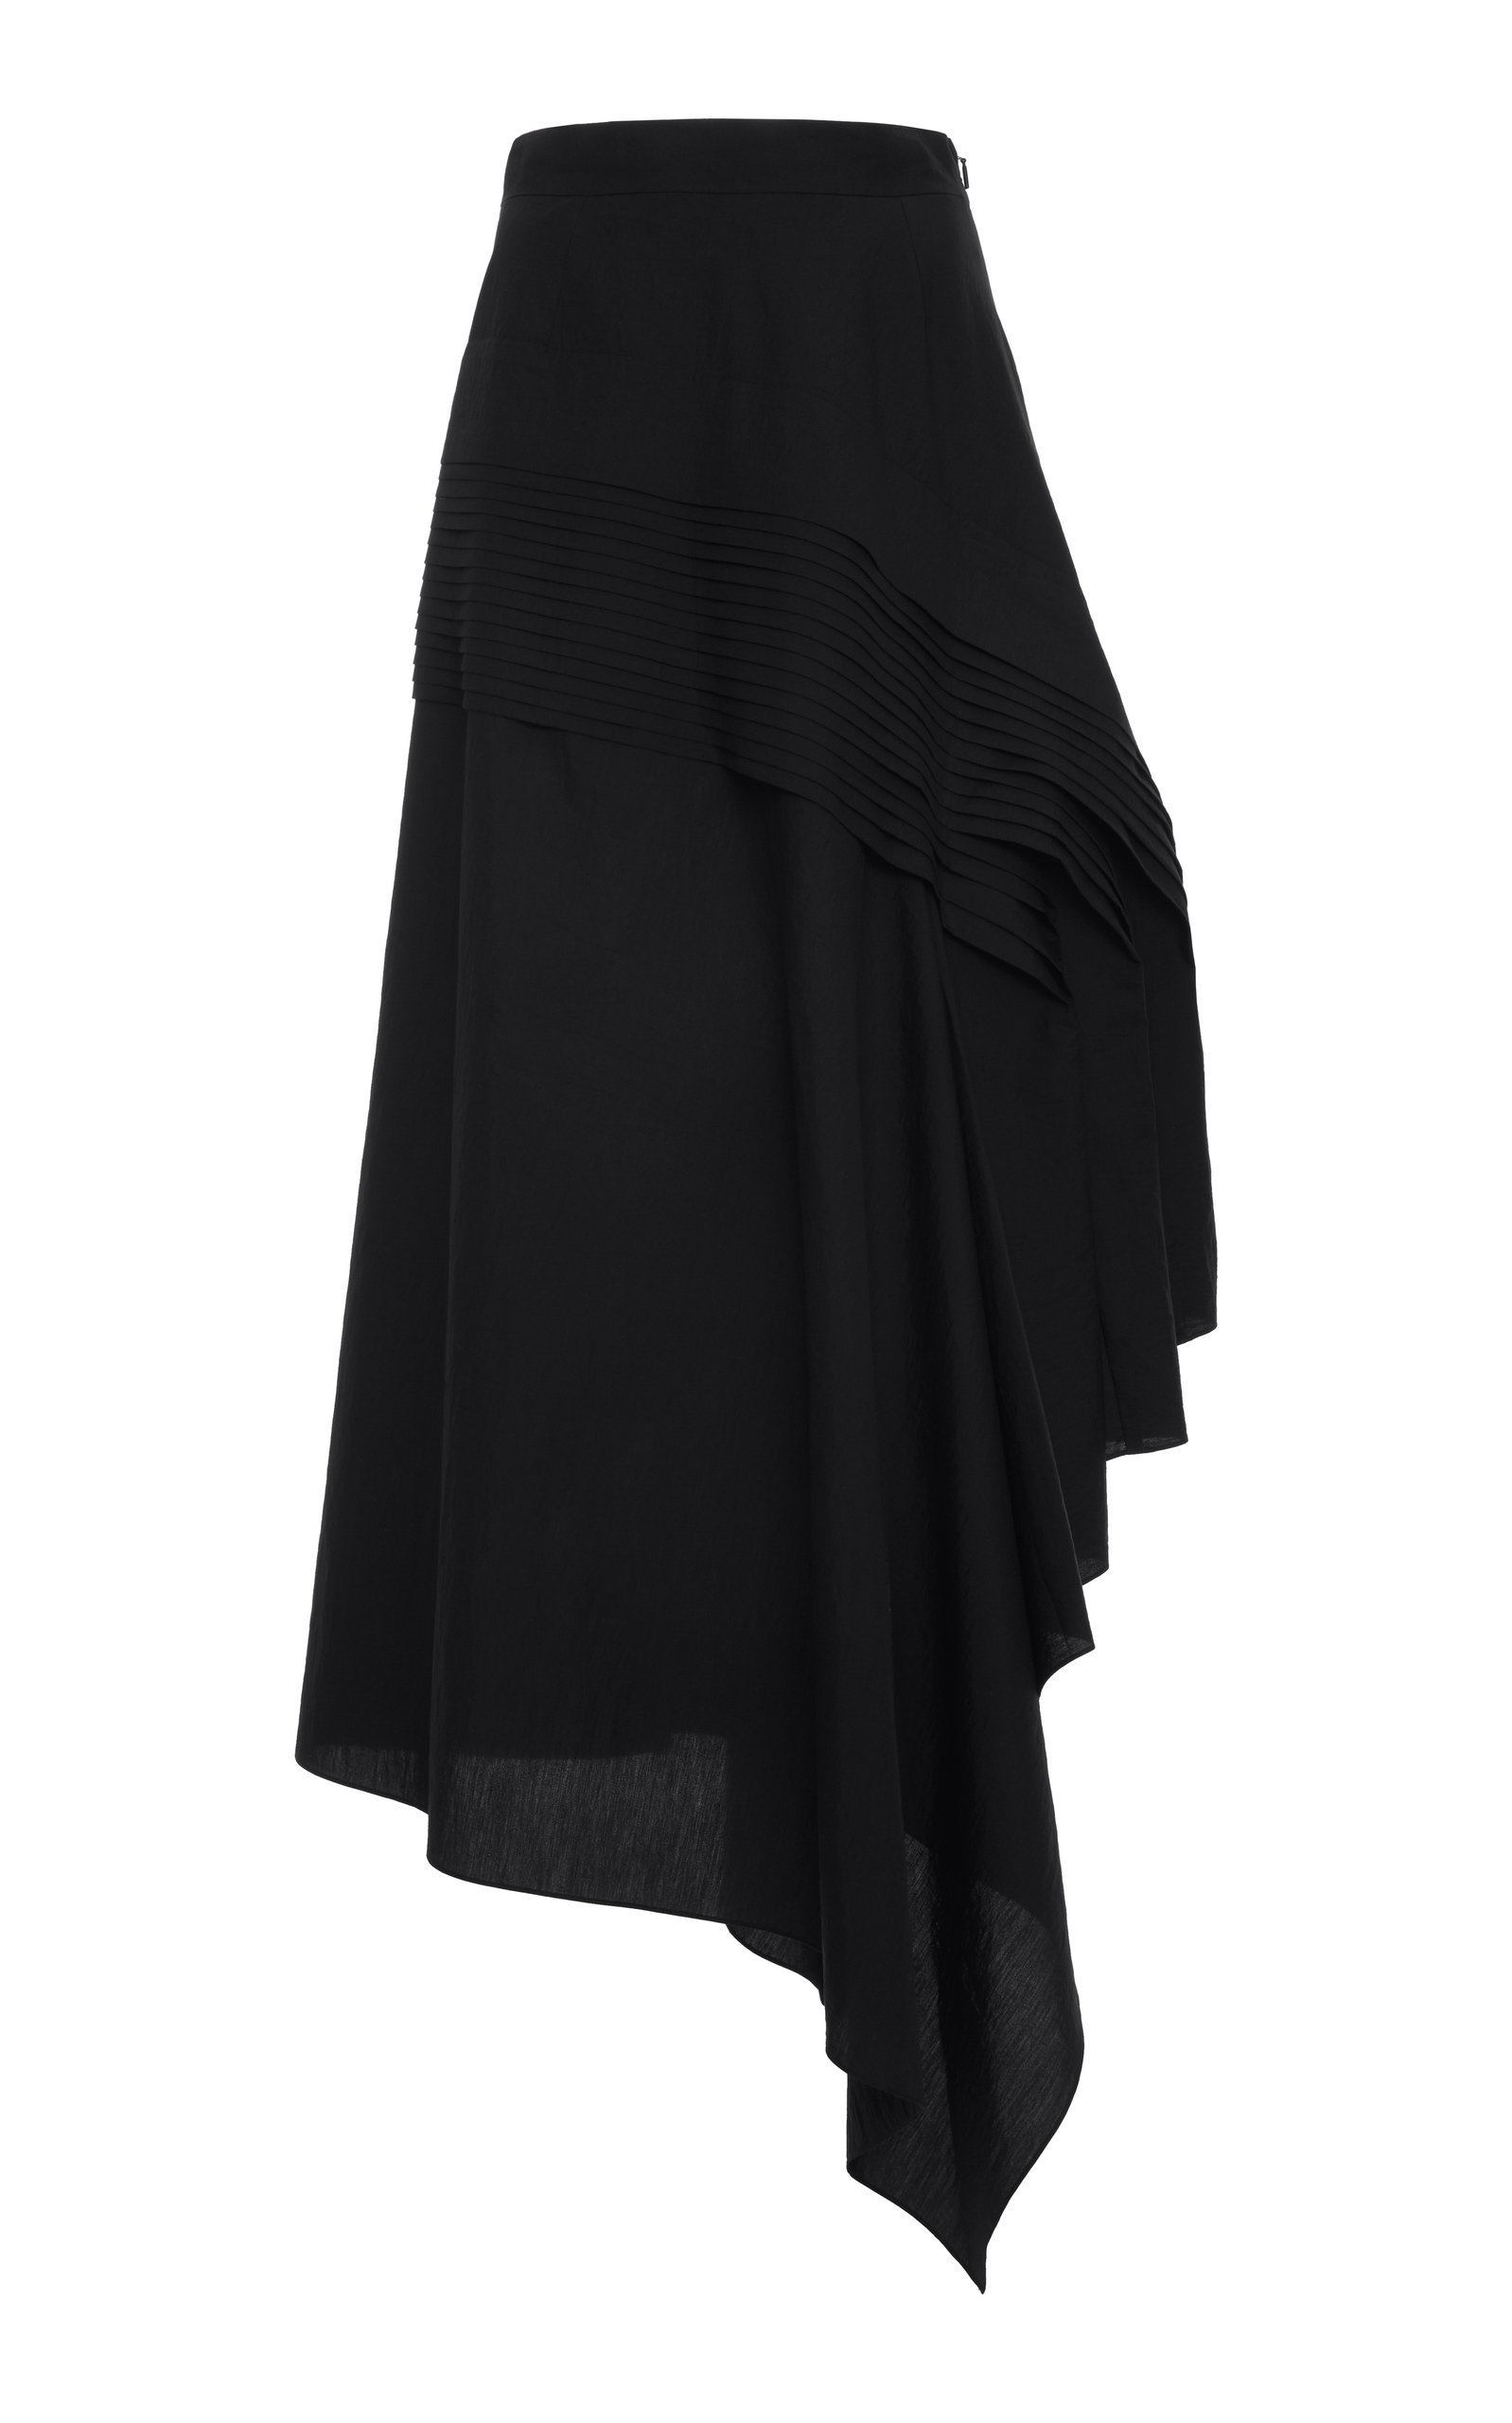 Loewe Plissé Side Midi Skirt Size: 34